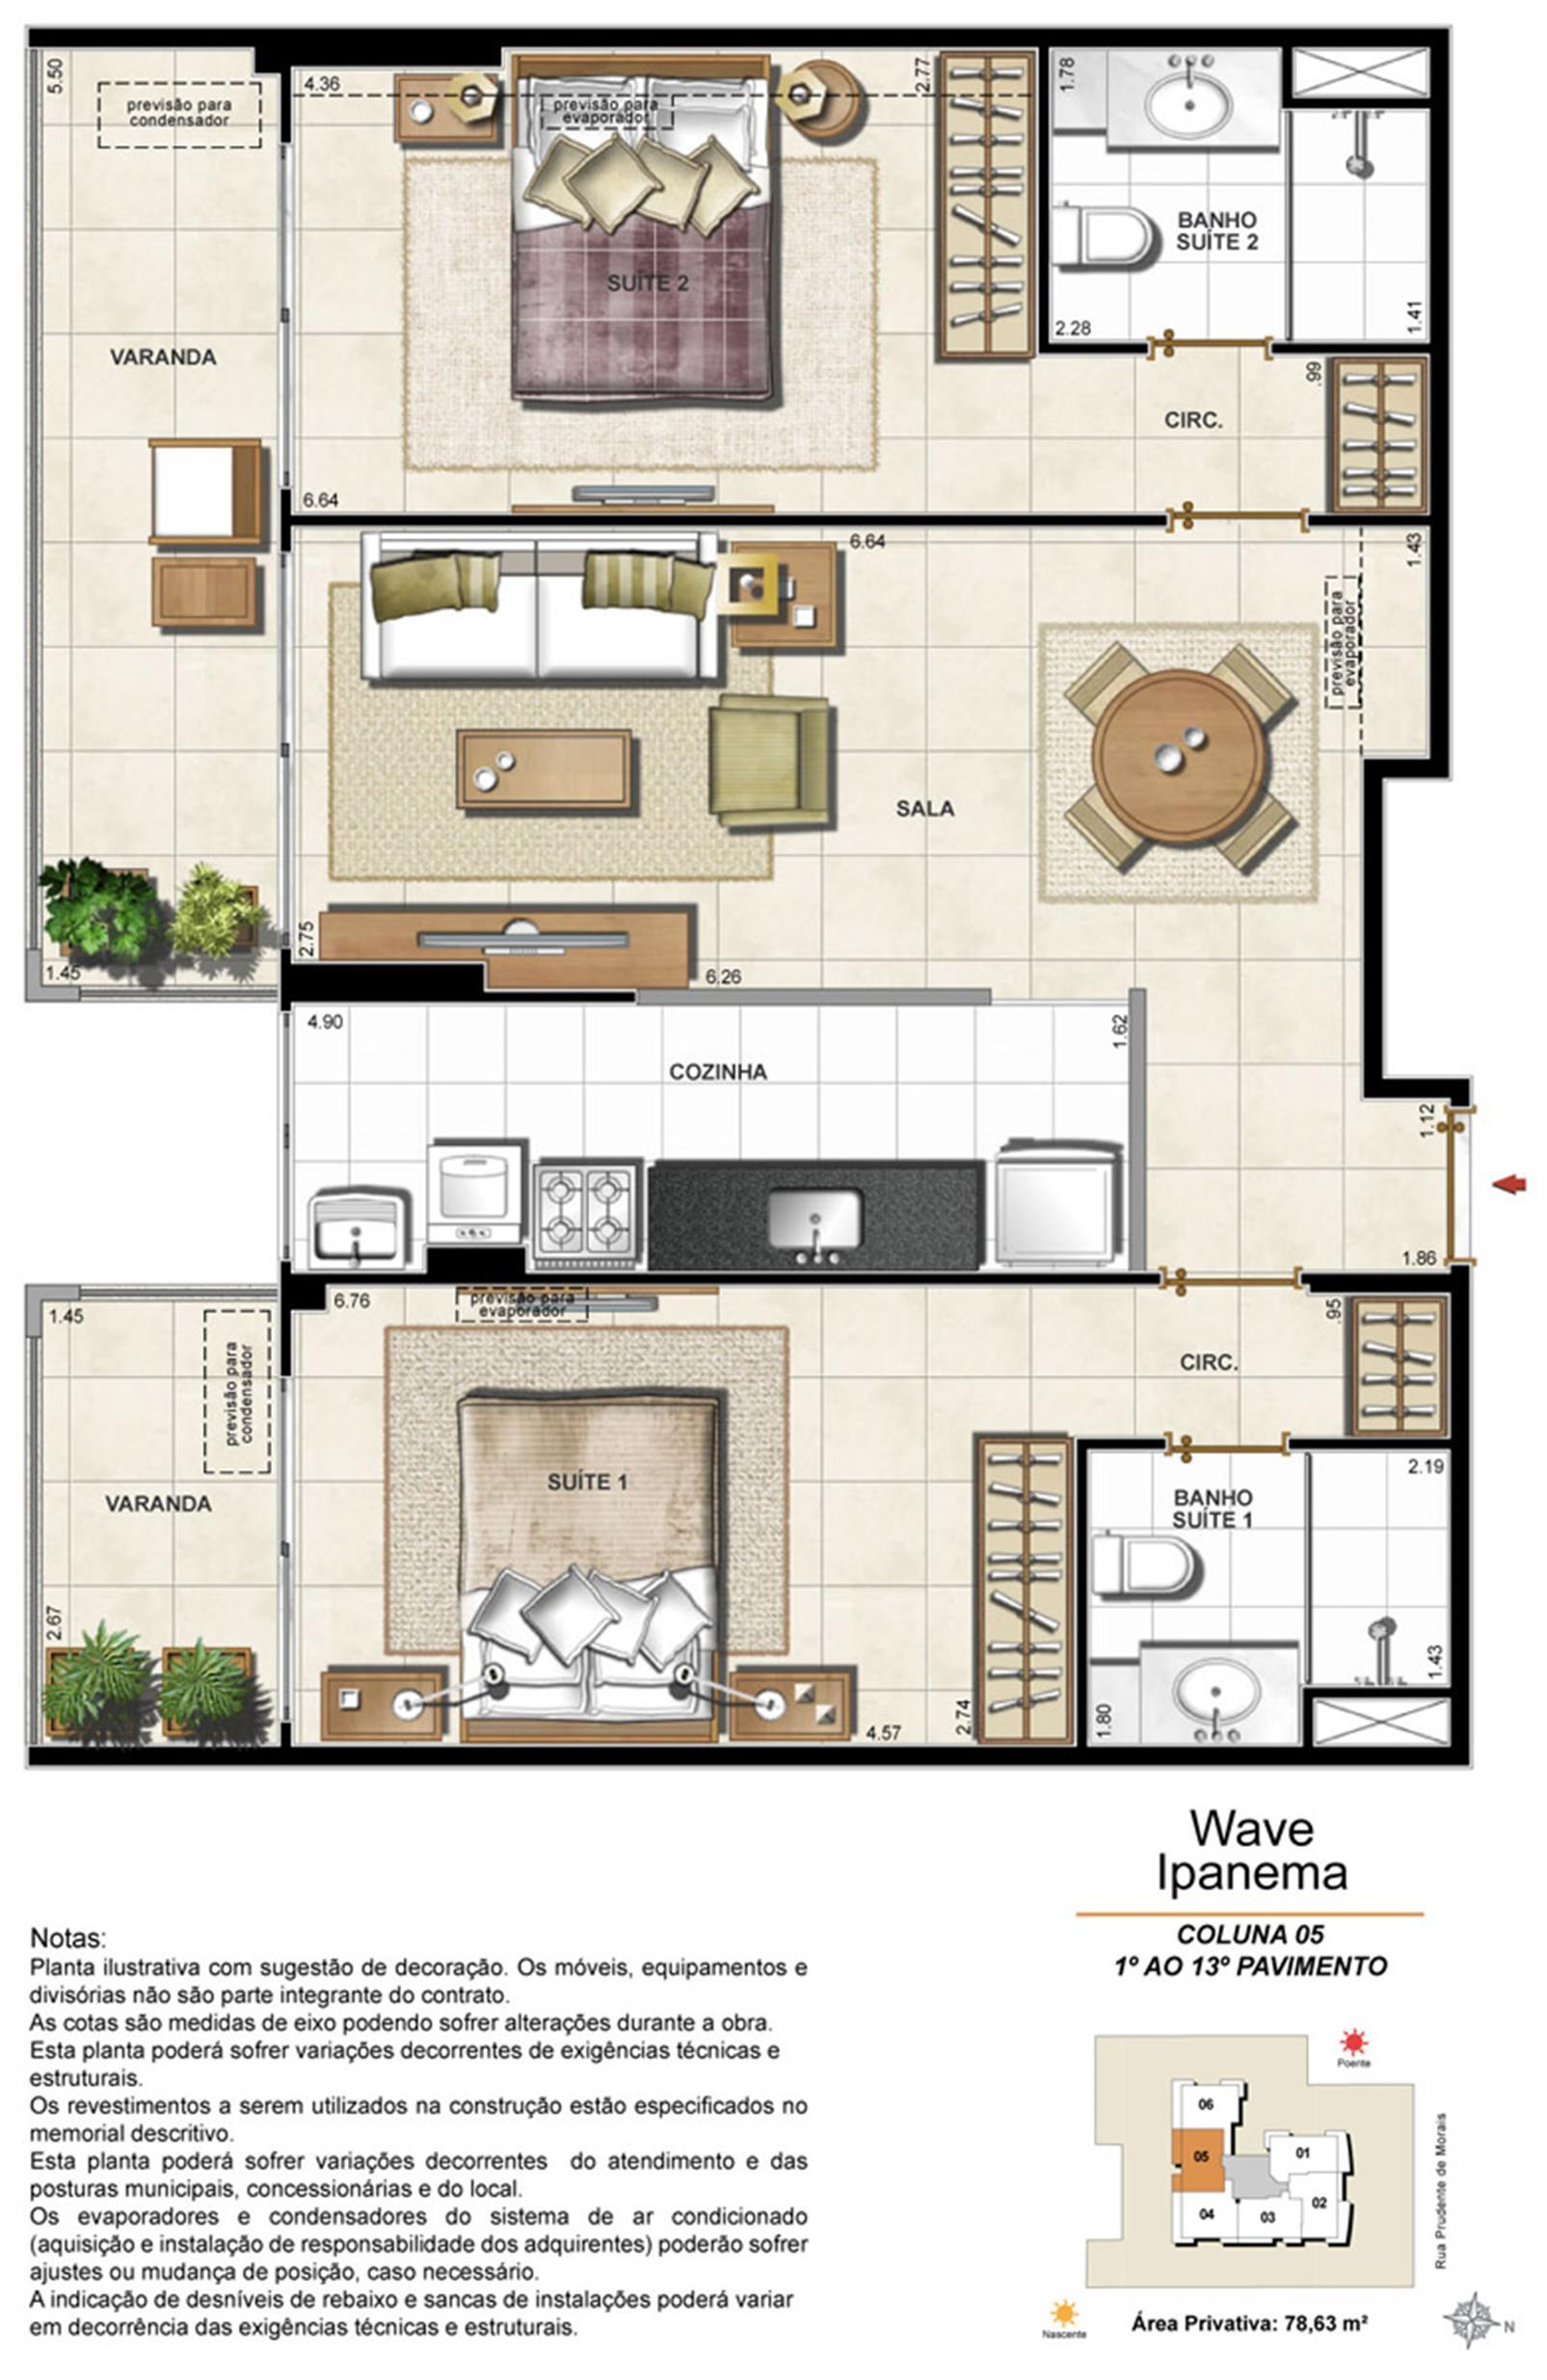 Apartamento Tipo Coluna 05 - 1º ao 13º Pavimento | Wave Ipanema – Apartamentoem  Ipanema - Rio de Janeiro - Rio de Janeiro